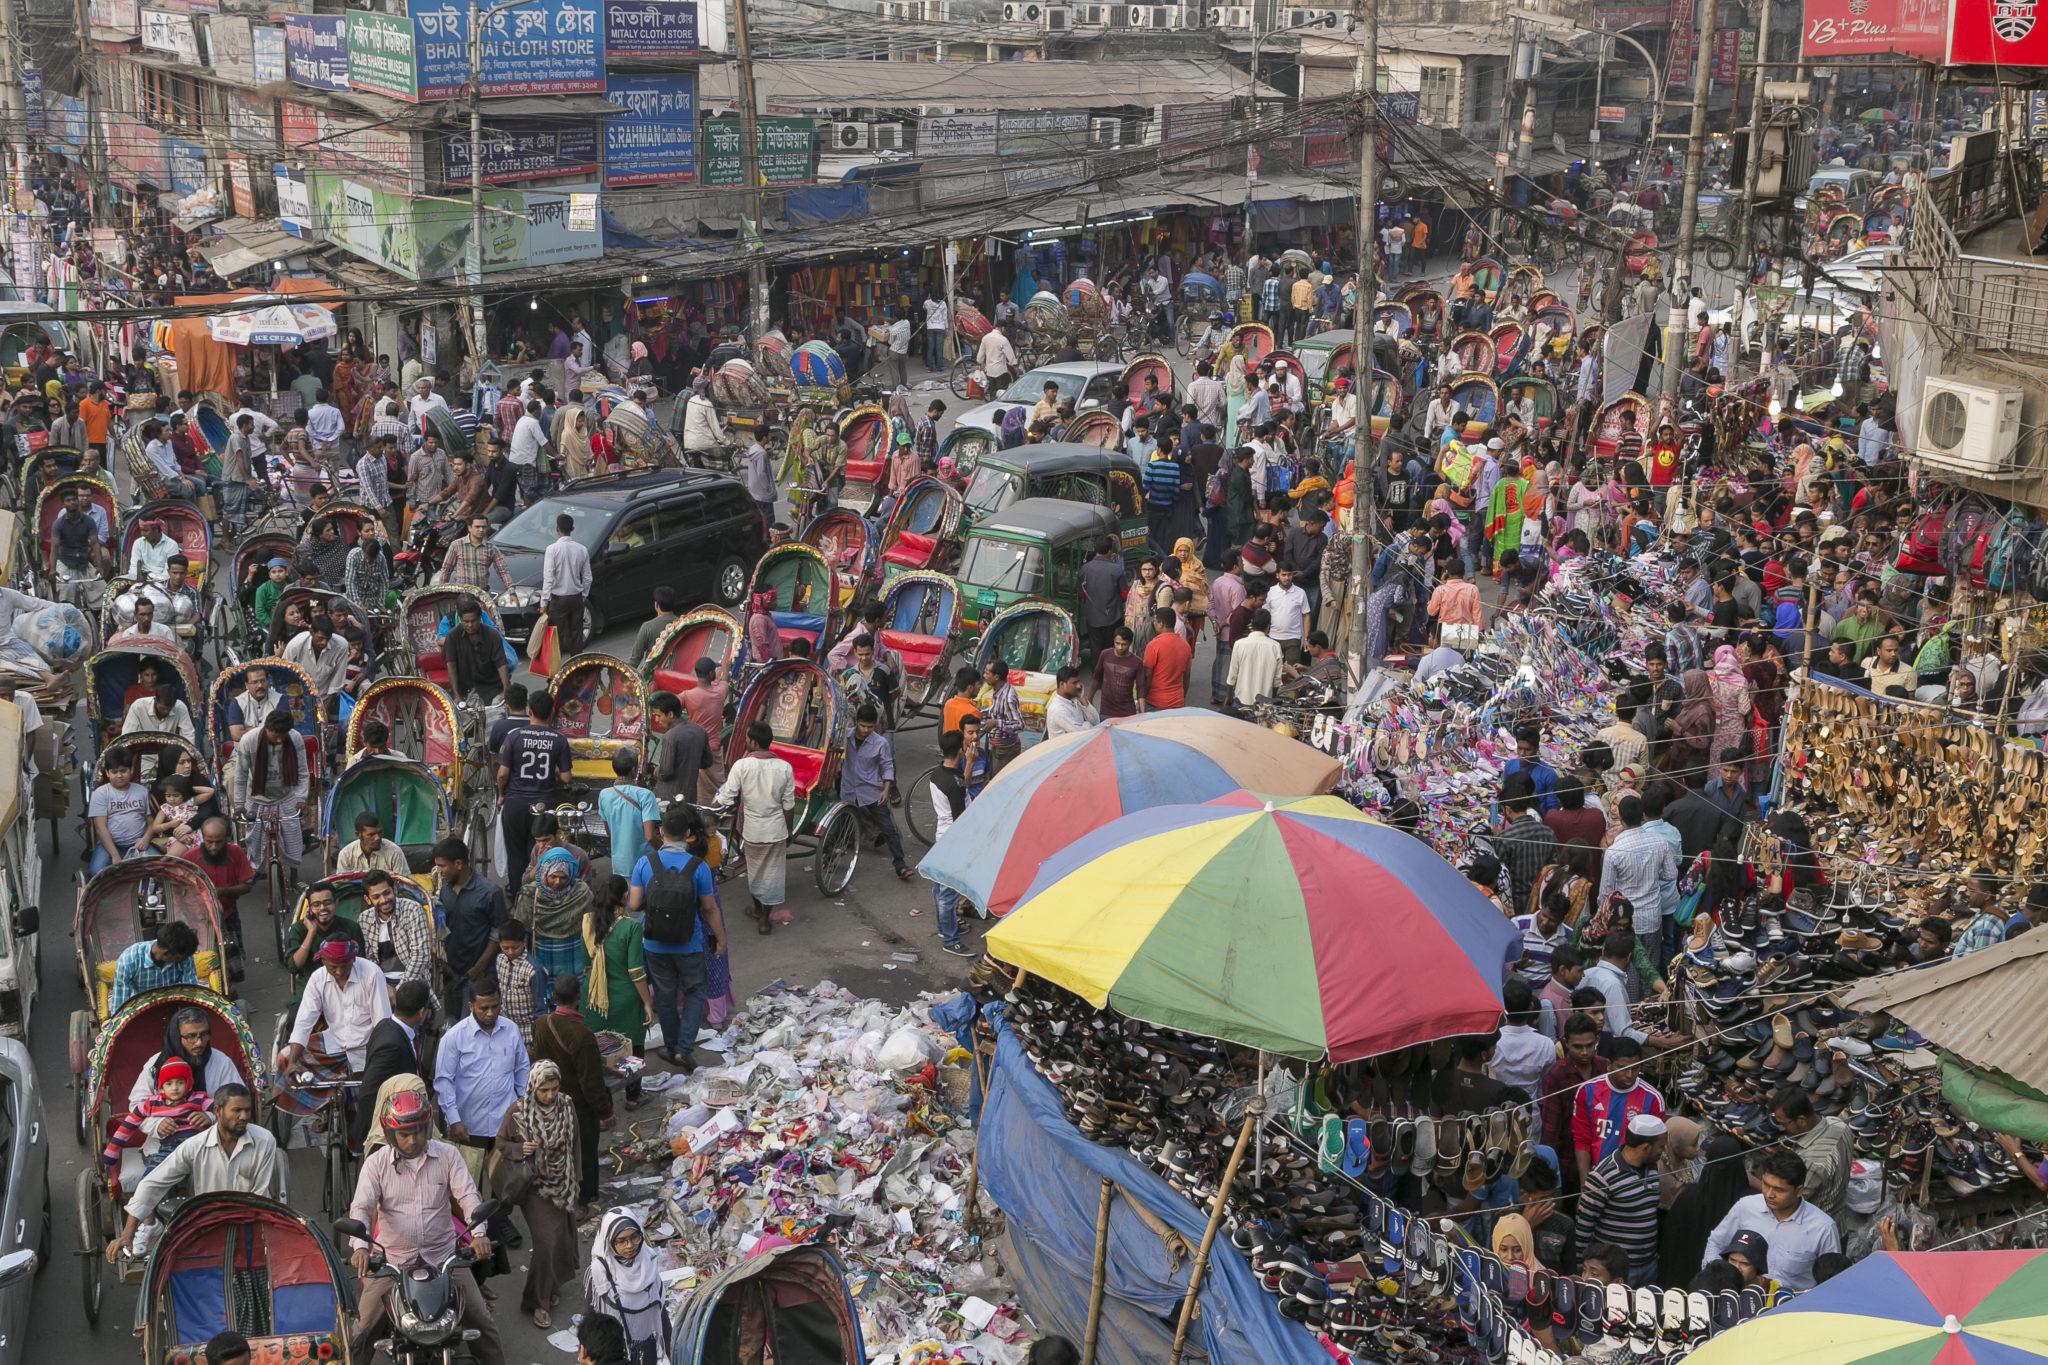 Harziges Durchkommen im Zentrum von Dhaka, der Hauptstadt von Bangladesch. Keine andere Metropole wächst schneller: 1980 hatte Dhaka rund drei Millionen Einwohner, heute sind es über 18 Millionen.